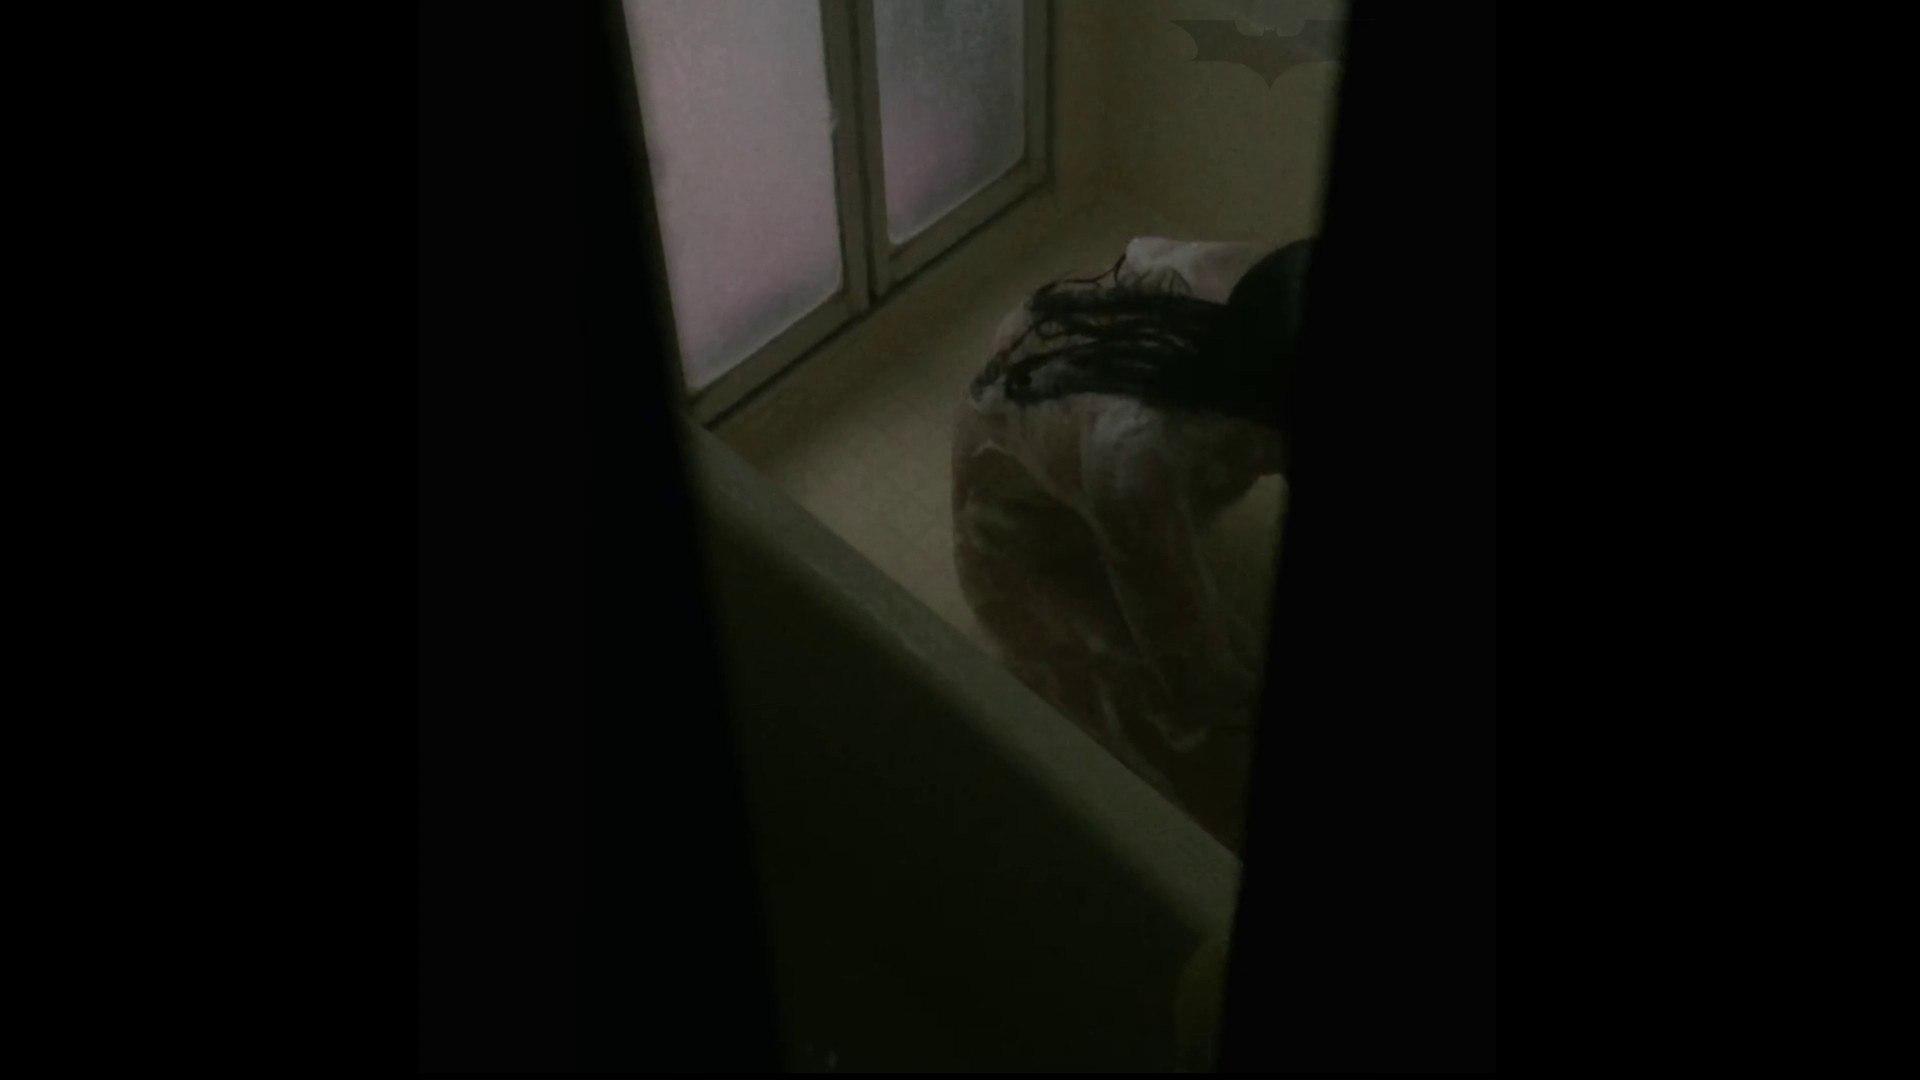 【19位 2016】リアルインパクト盗撮~入浴編 Vol.13 萌える注の入浴 桃色乳首 AV動画キャプチャ 106枚 62